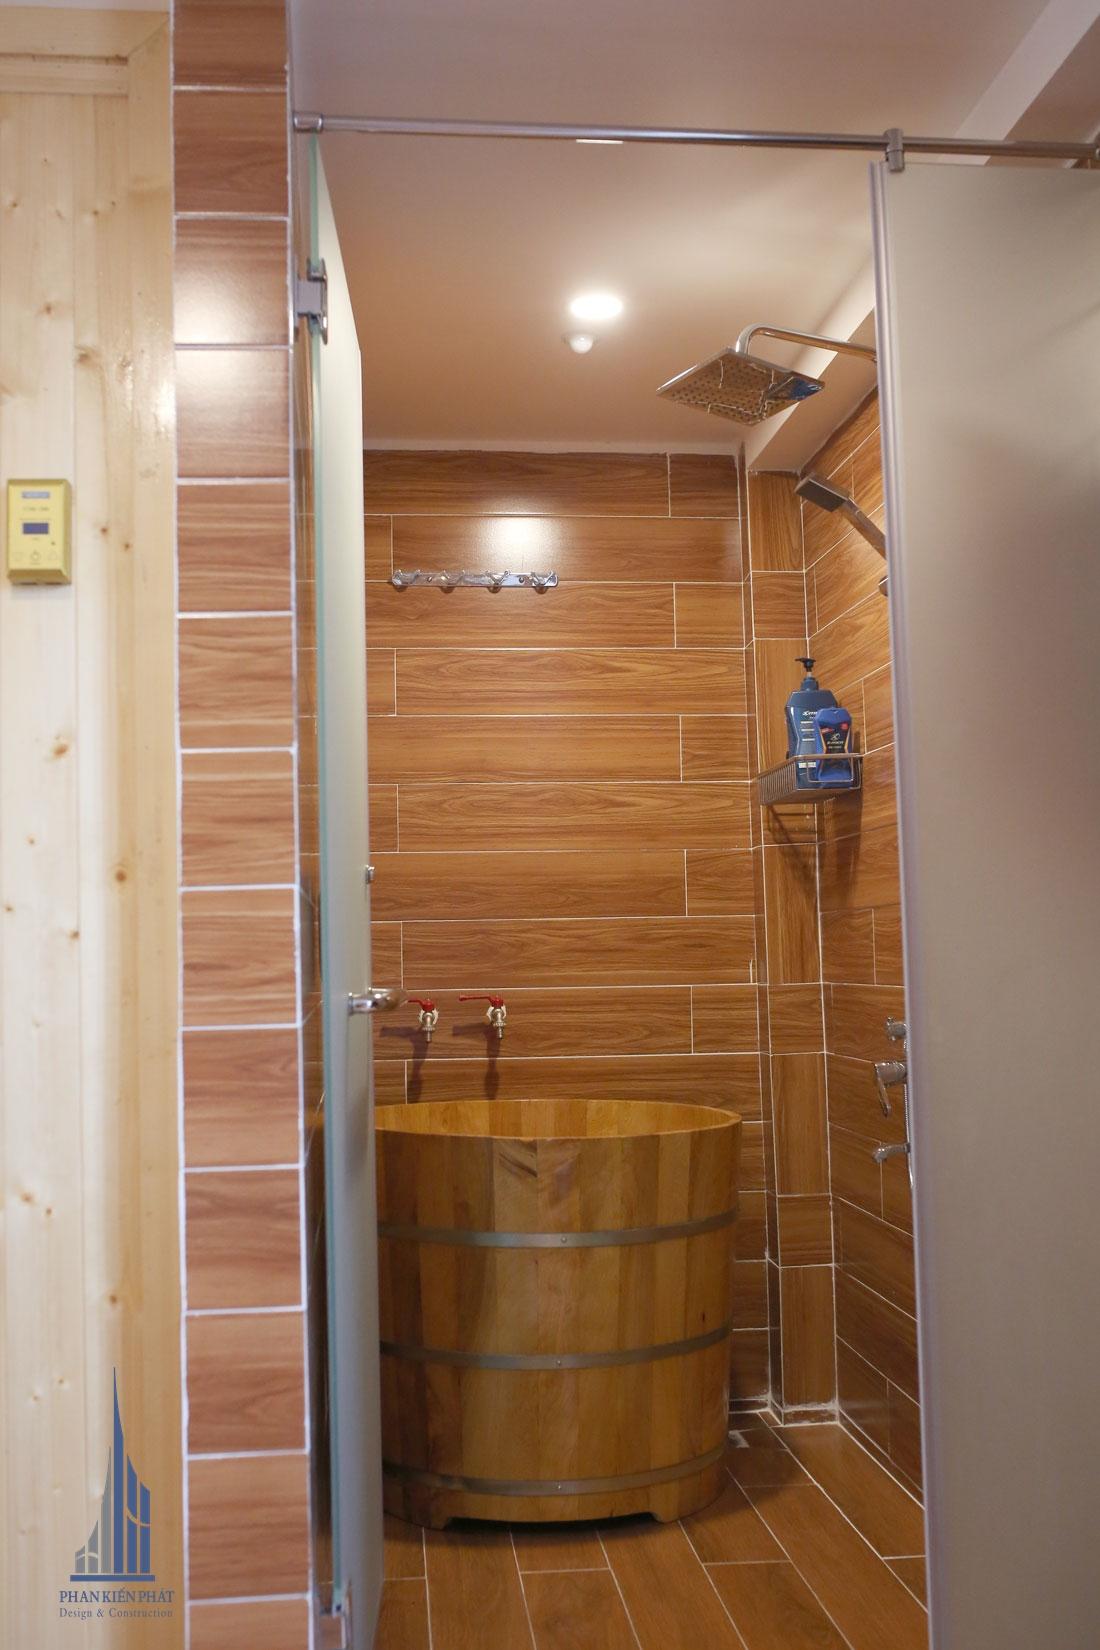 Phòng Tắm Bồn Cổ Điển tạo cảm giác thoải mái, thư giản